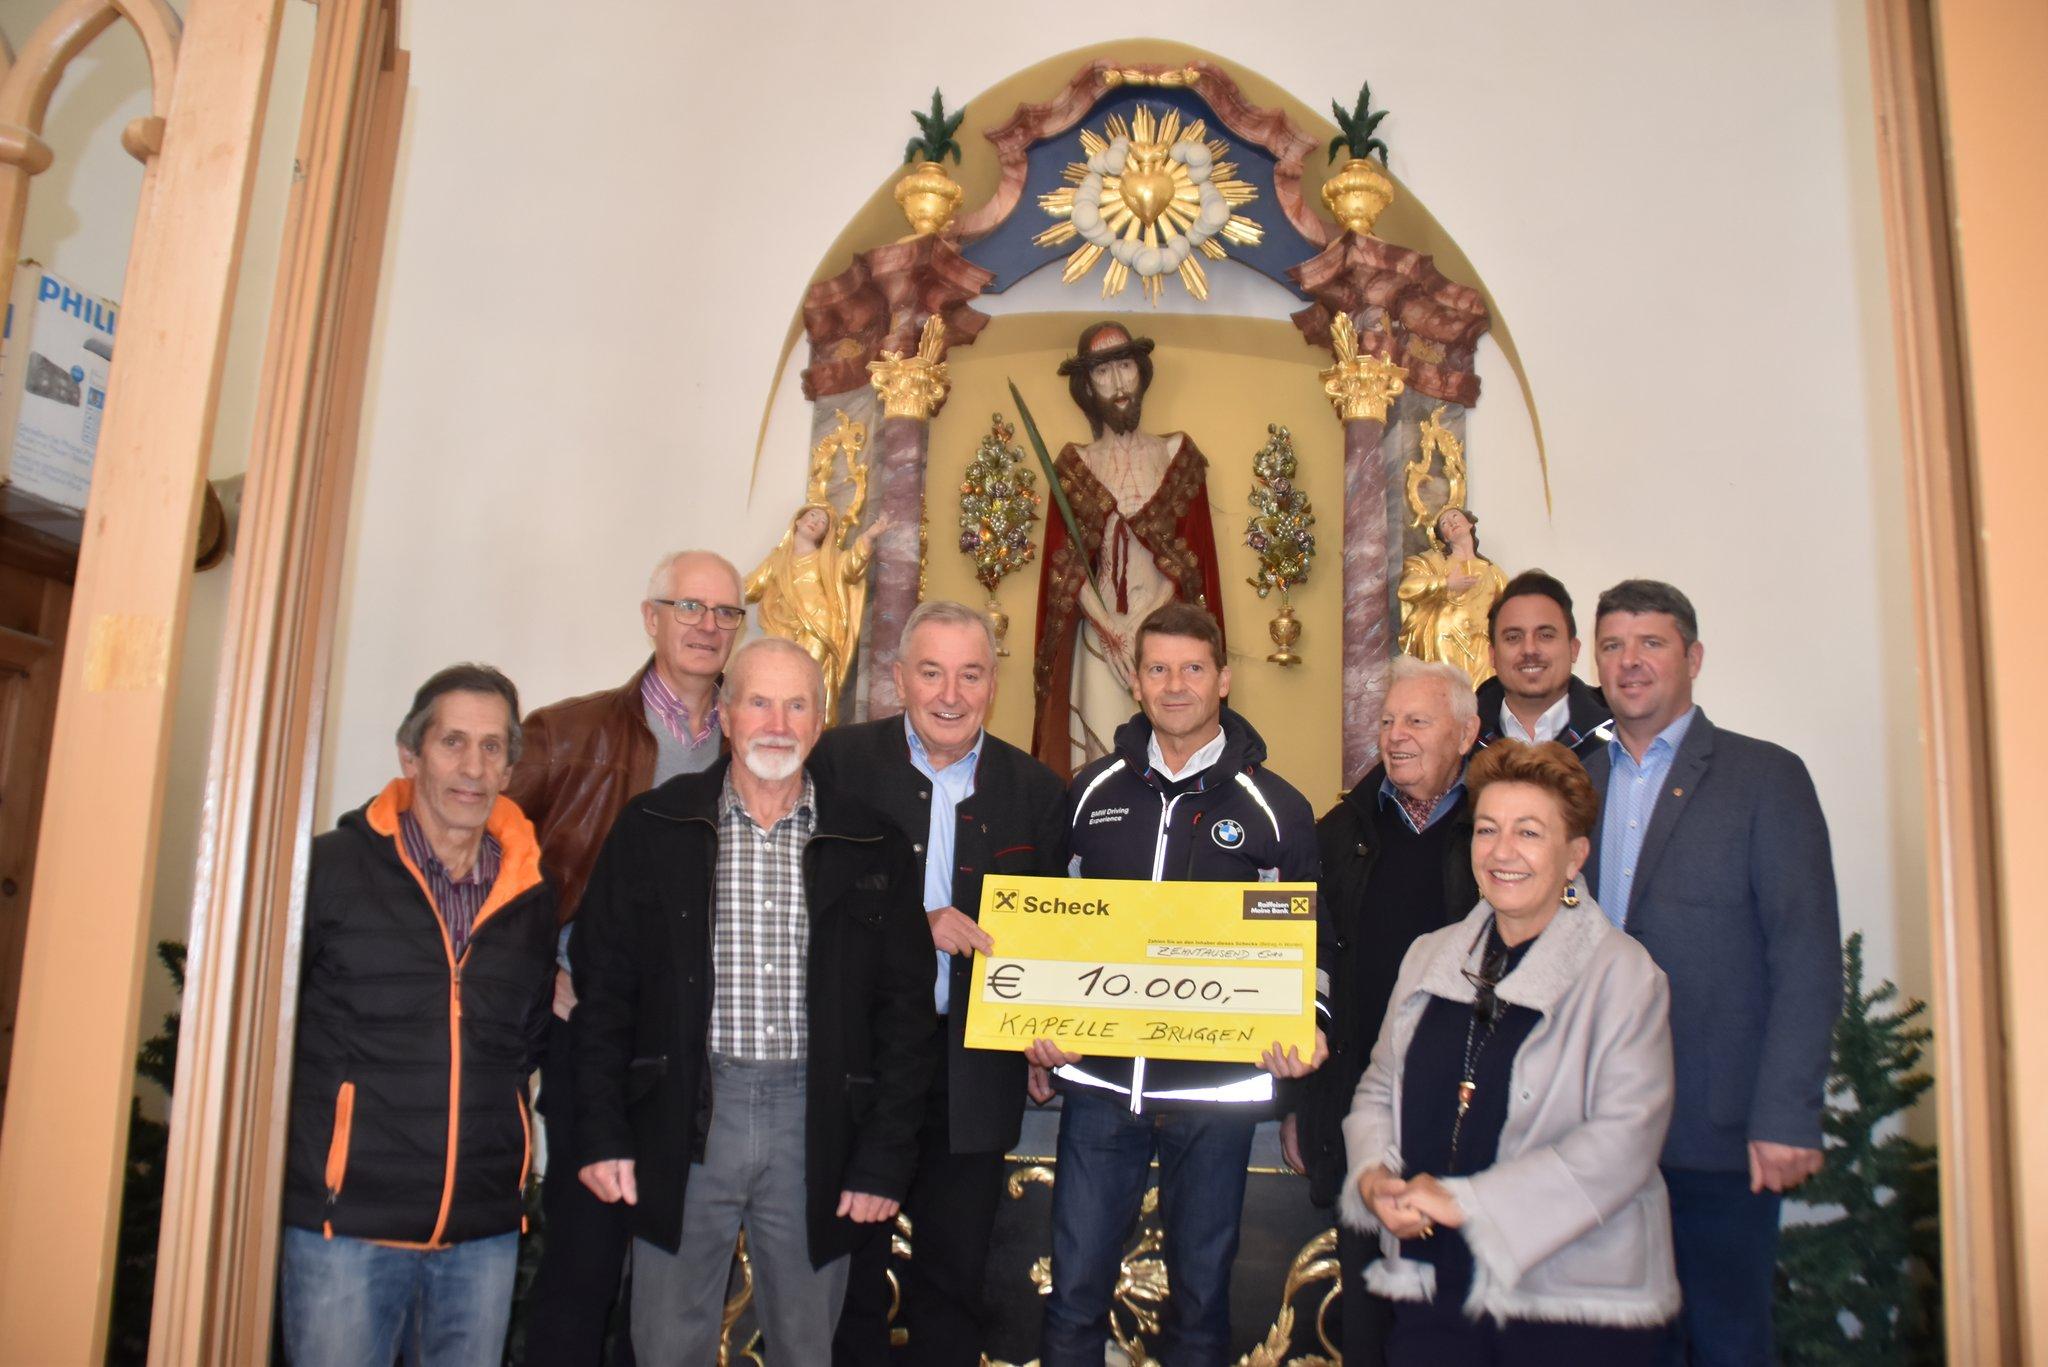 Kapelle in Bruggen wird restauriert: BMW unterstützt Kapellensanierung mit 10.000 Euro - Imst - meinbezirk.at